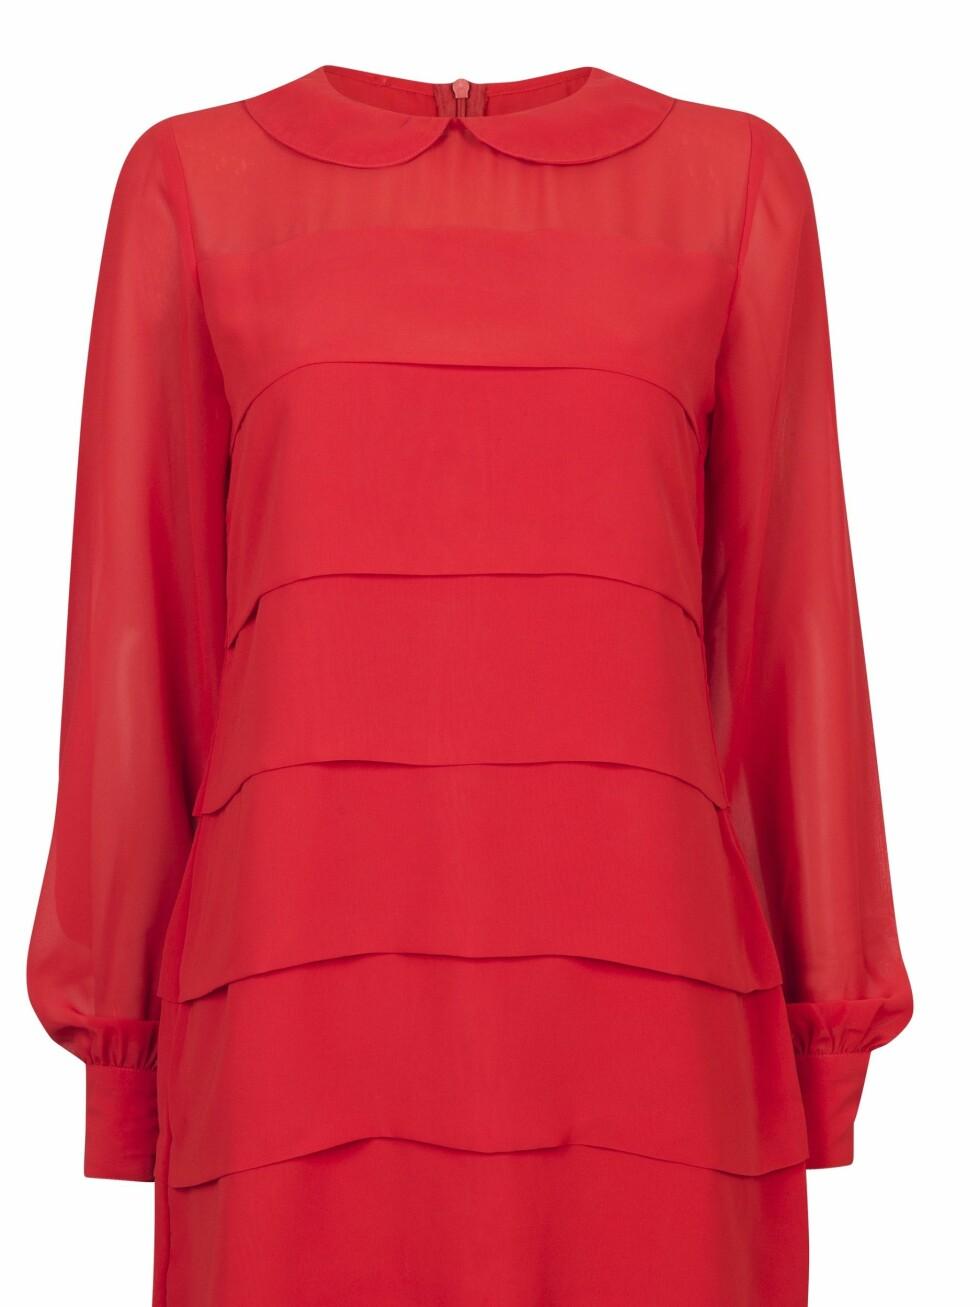 299 KRONER: Knallrød Twiggy-kjole med yndig krage.  Foto: Produsenten